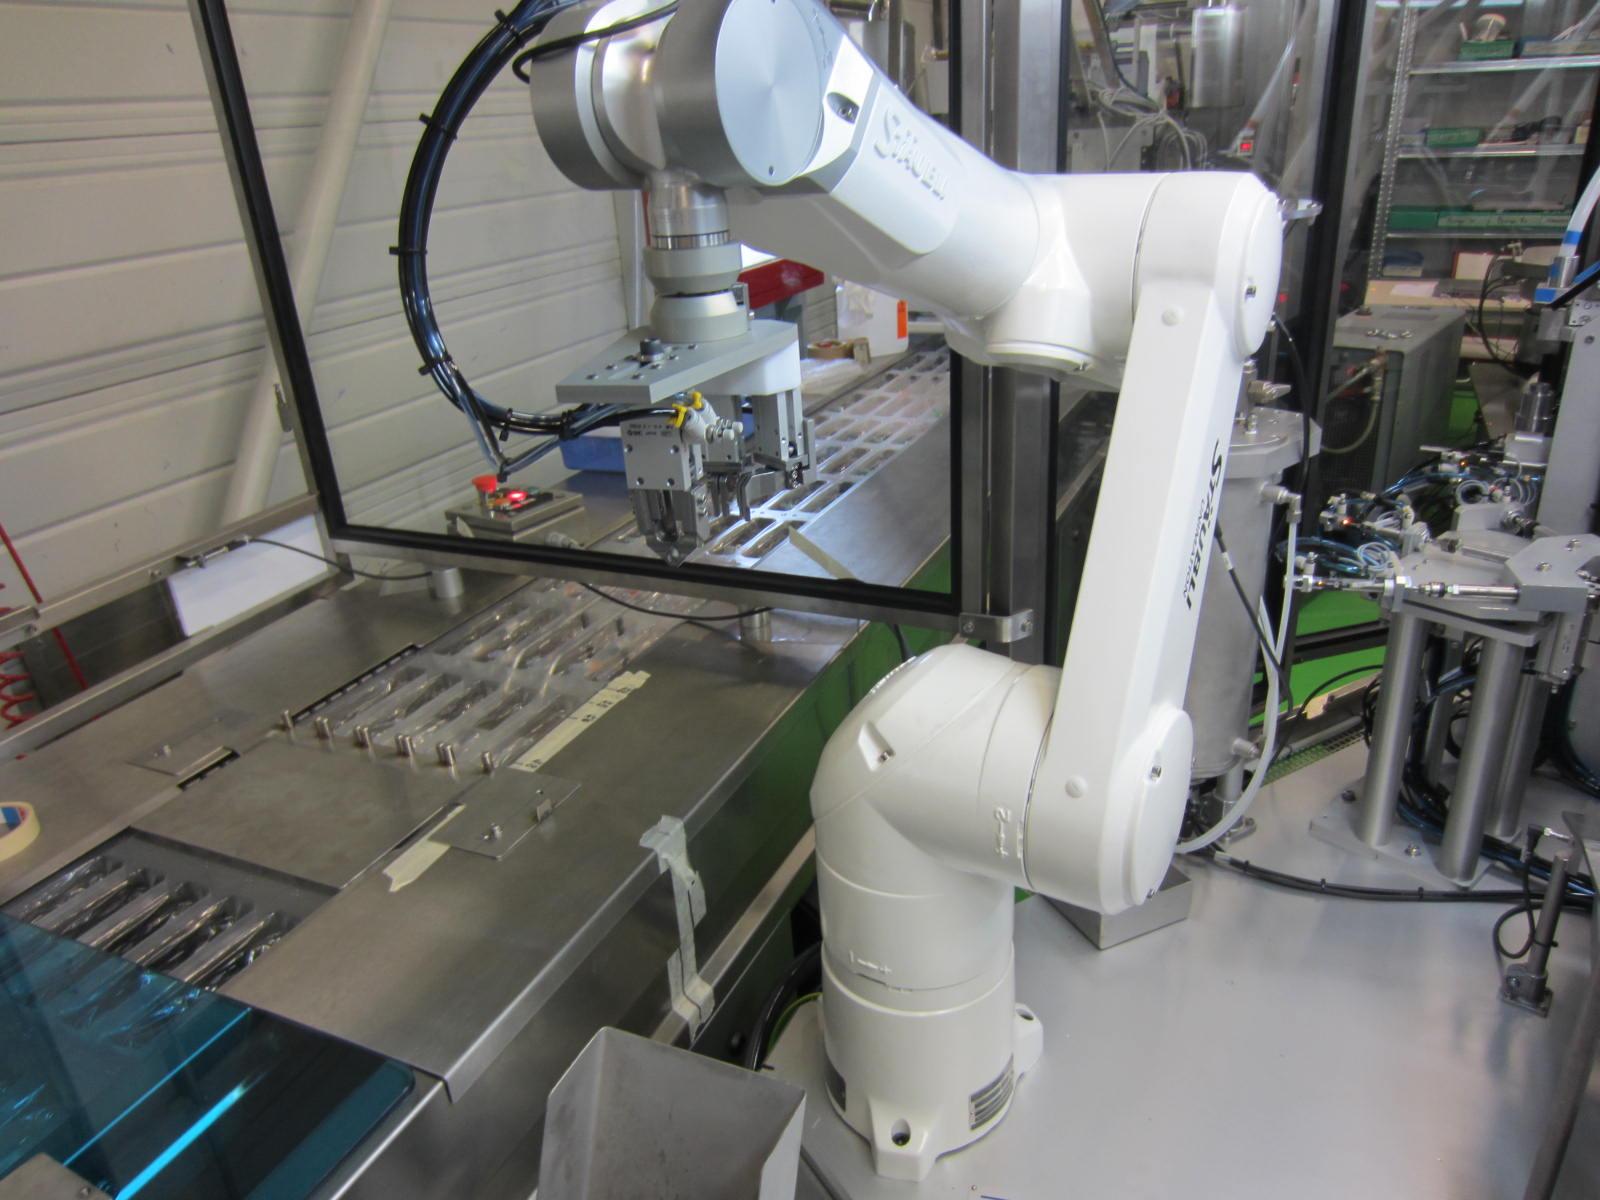 Intégration de robots industriels dans des machines d'assemblage automatique